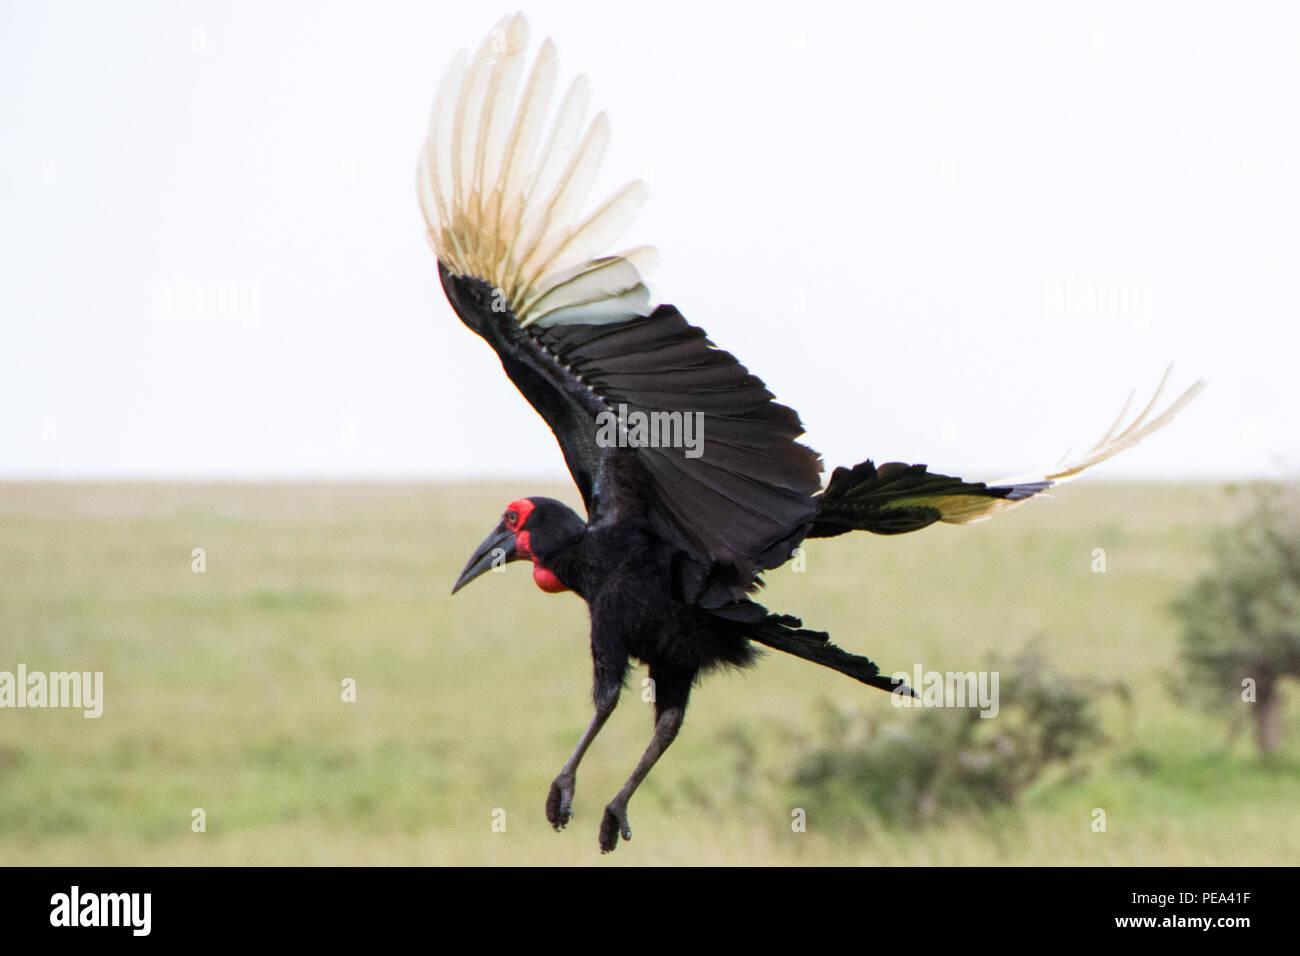 Un suelo volar lejos de Bucero en las llanuras del Serengeti National Park, Tanzania. Foto de stock